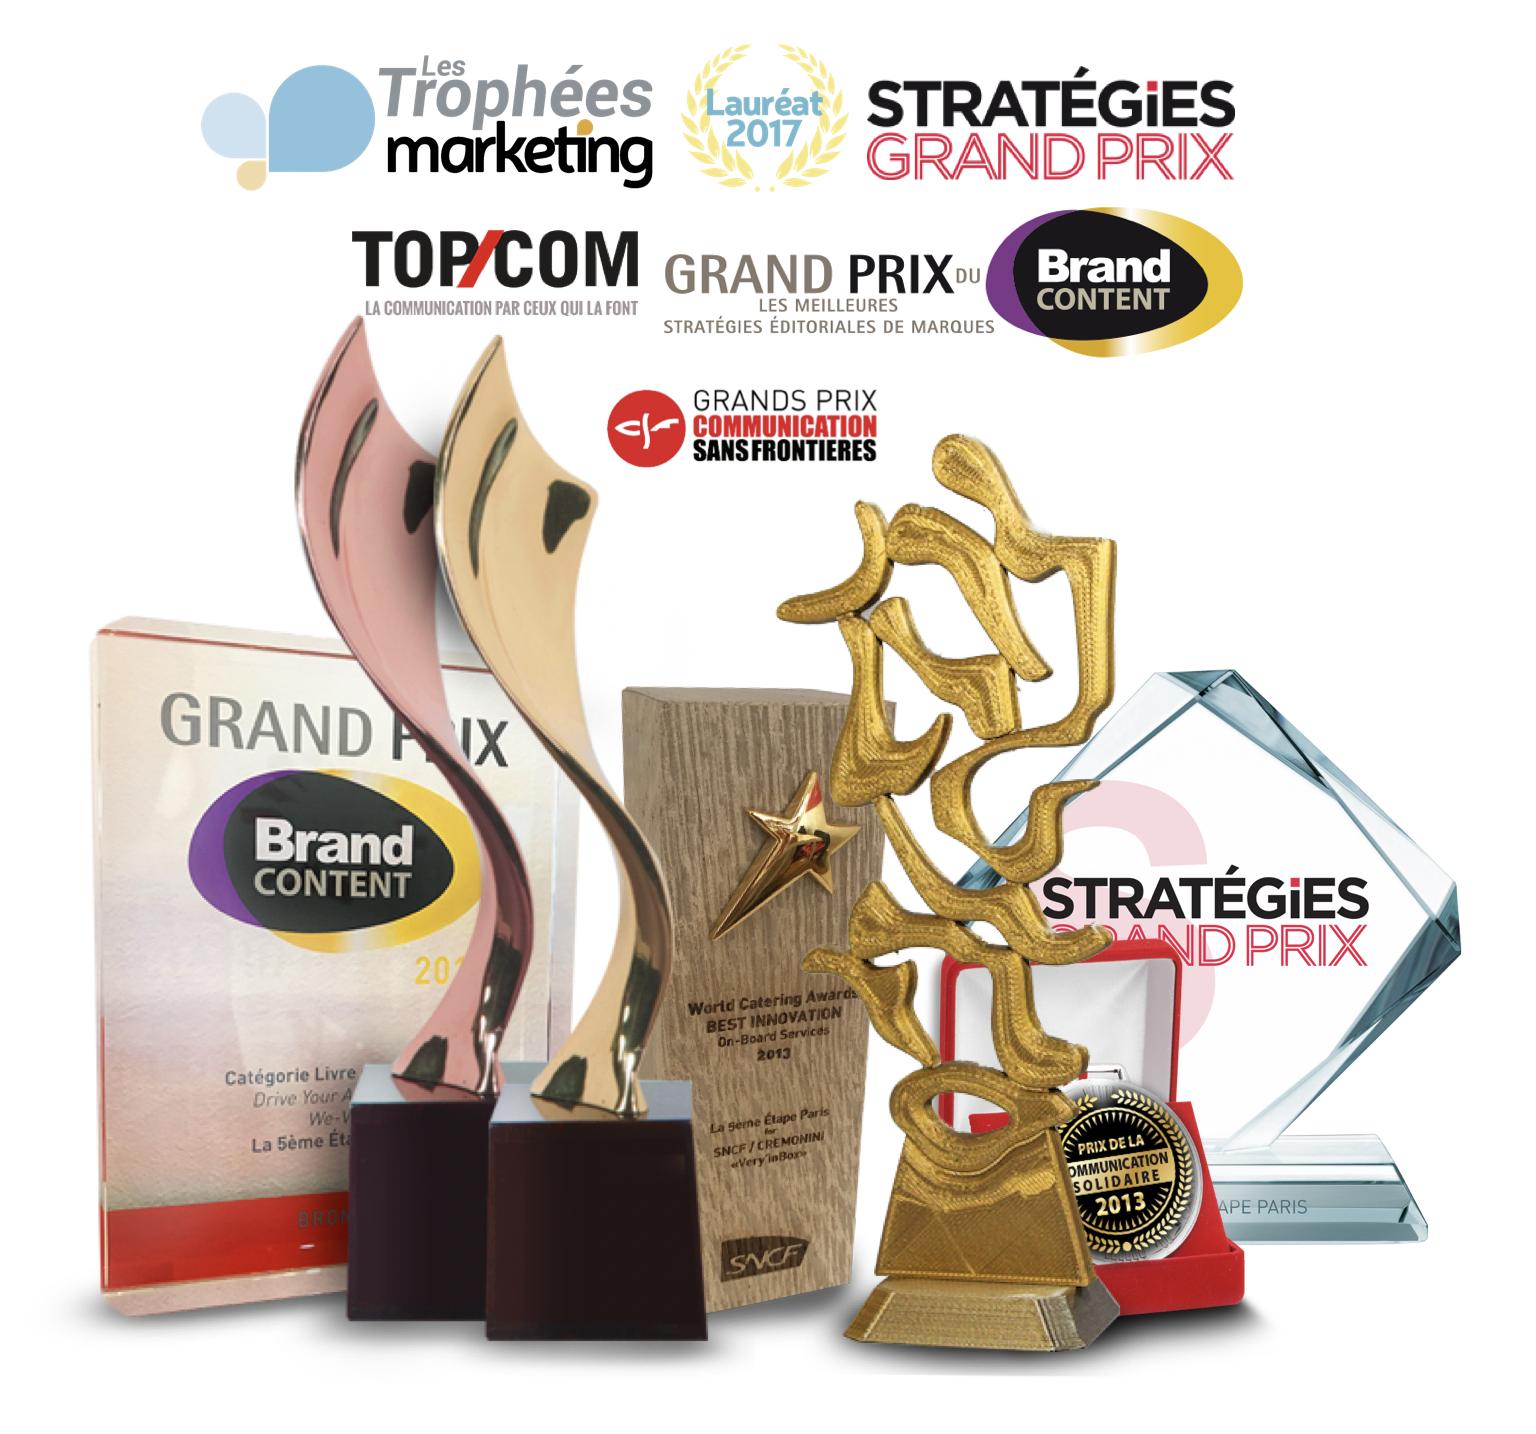 Lauréat Grand Prix du Brand Content Grand Prix stratégies Top Com Or Trophées du marketing Agence de communication